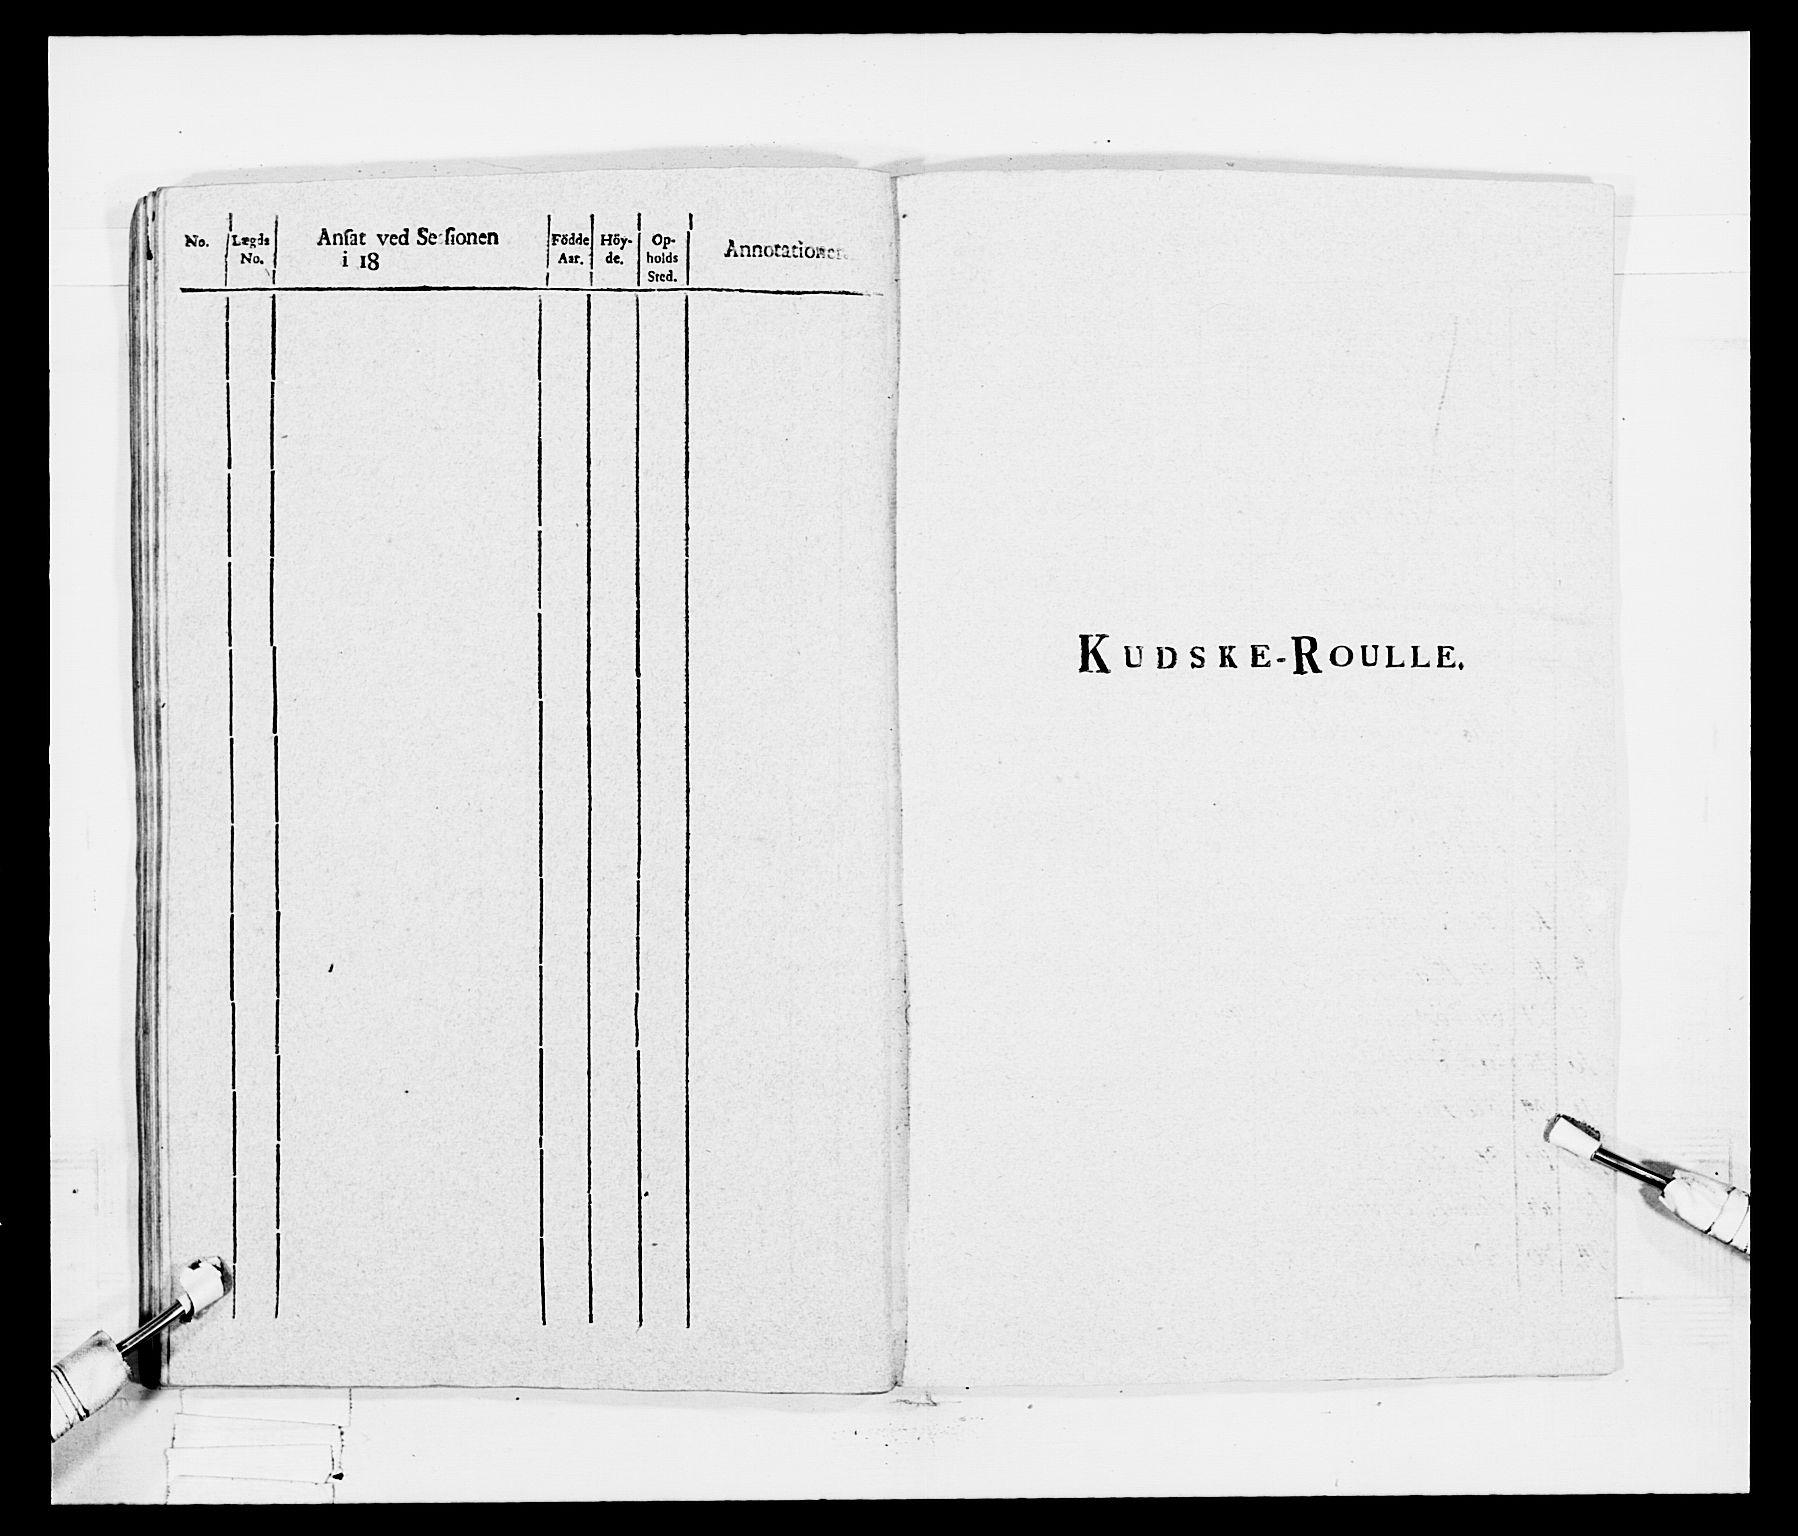 RA, Generalitets- og kommissariatskollegiet, Det kongelige norske kommissariatskollegium, E/Eh/L0047: 2. Akershusiske nasjonale infanteriregiment, 1791-1810, s. 400